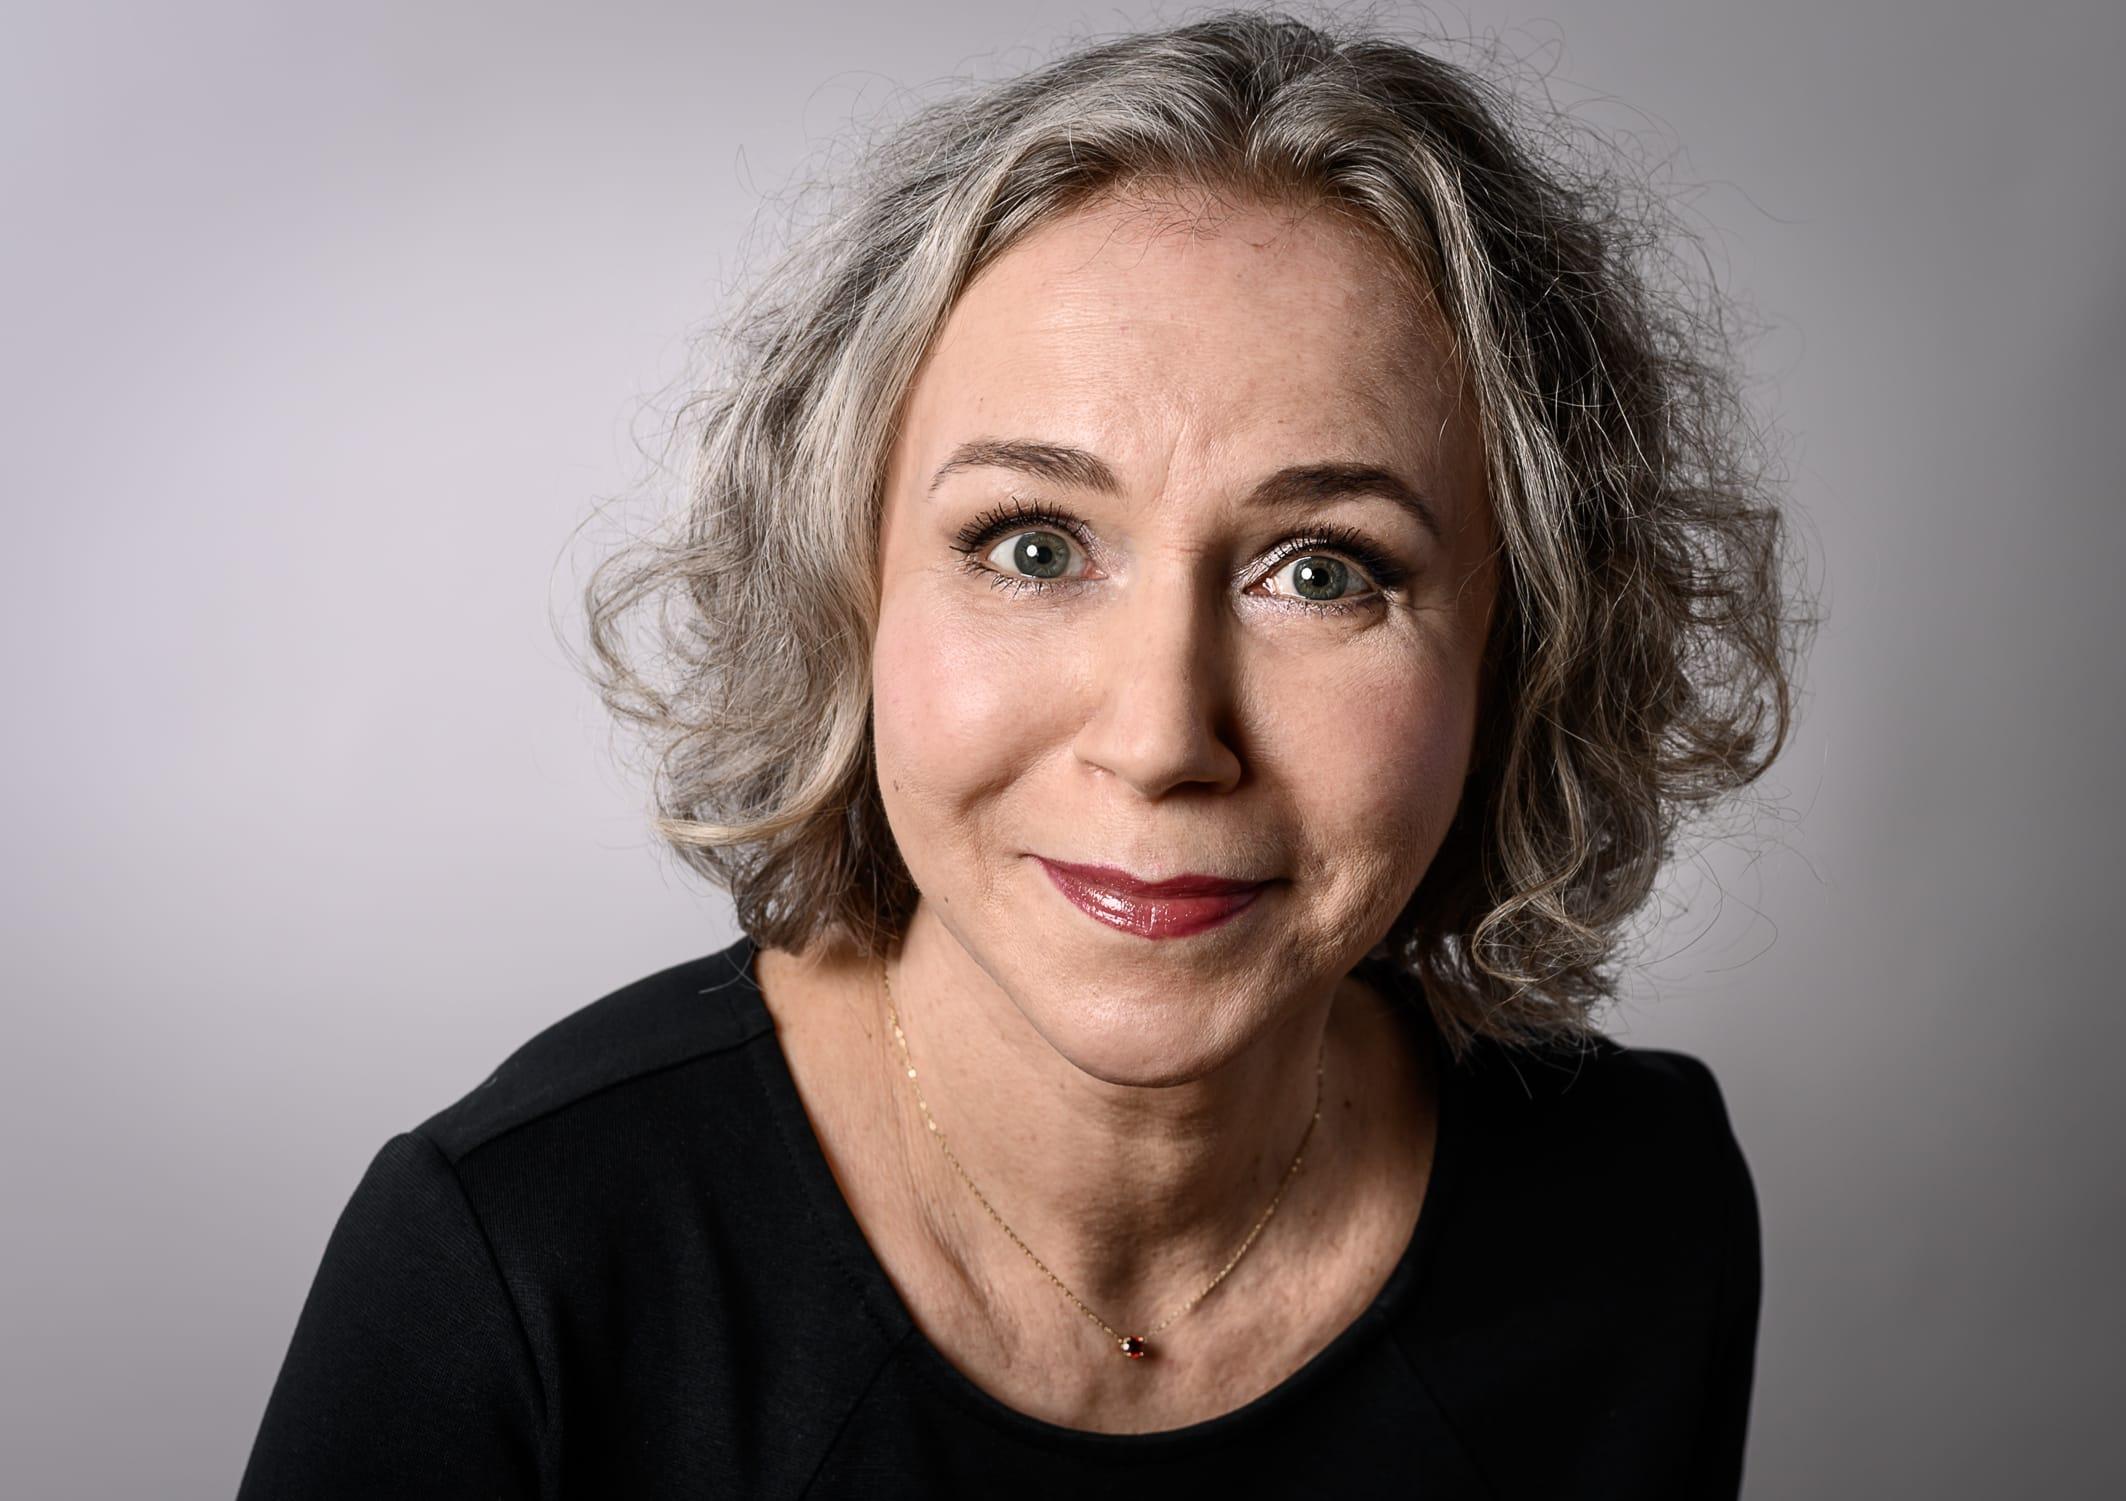 portrait Foto von Rita Sabaliauskiene